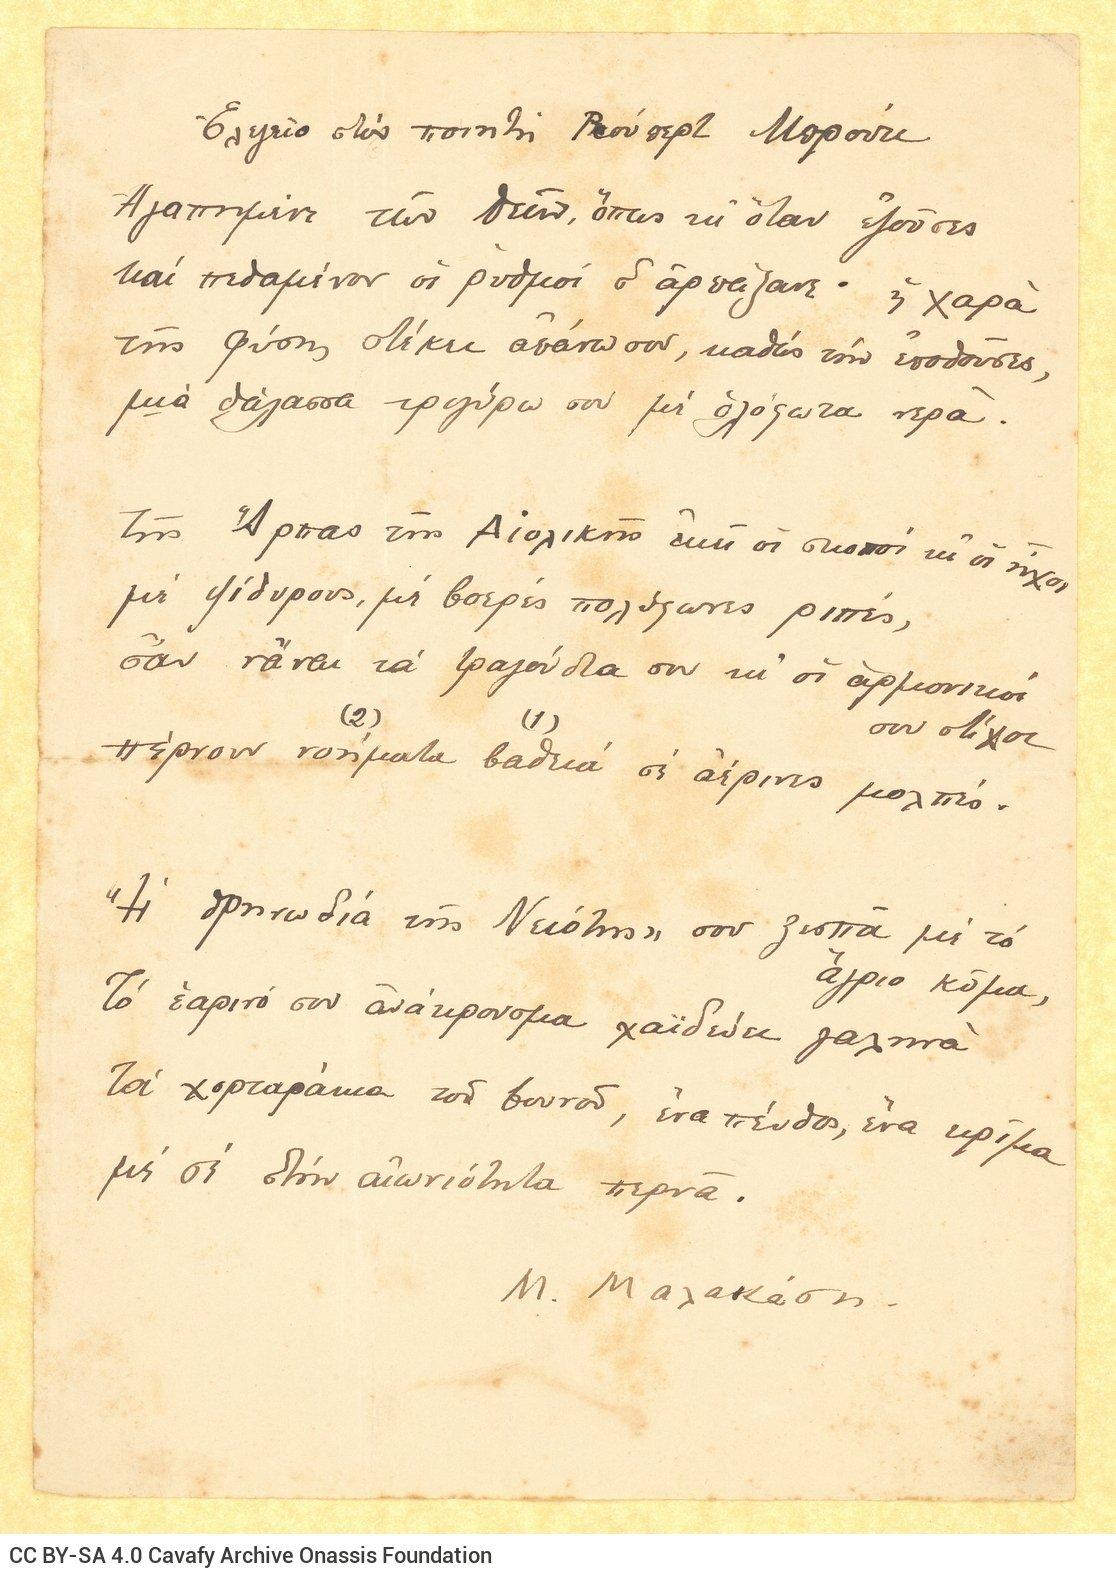 Χειρόγραφο αντίγραφο του ποιήματος του Μ. Μαλακάση «Ελεγείο στον πο�